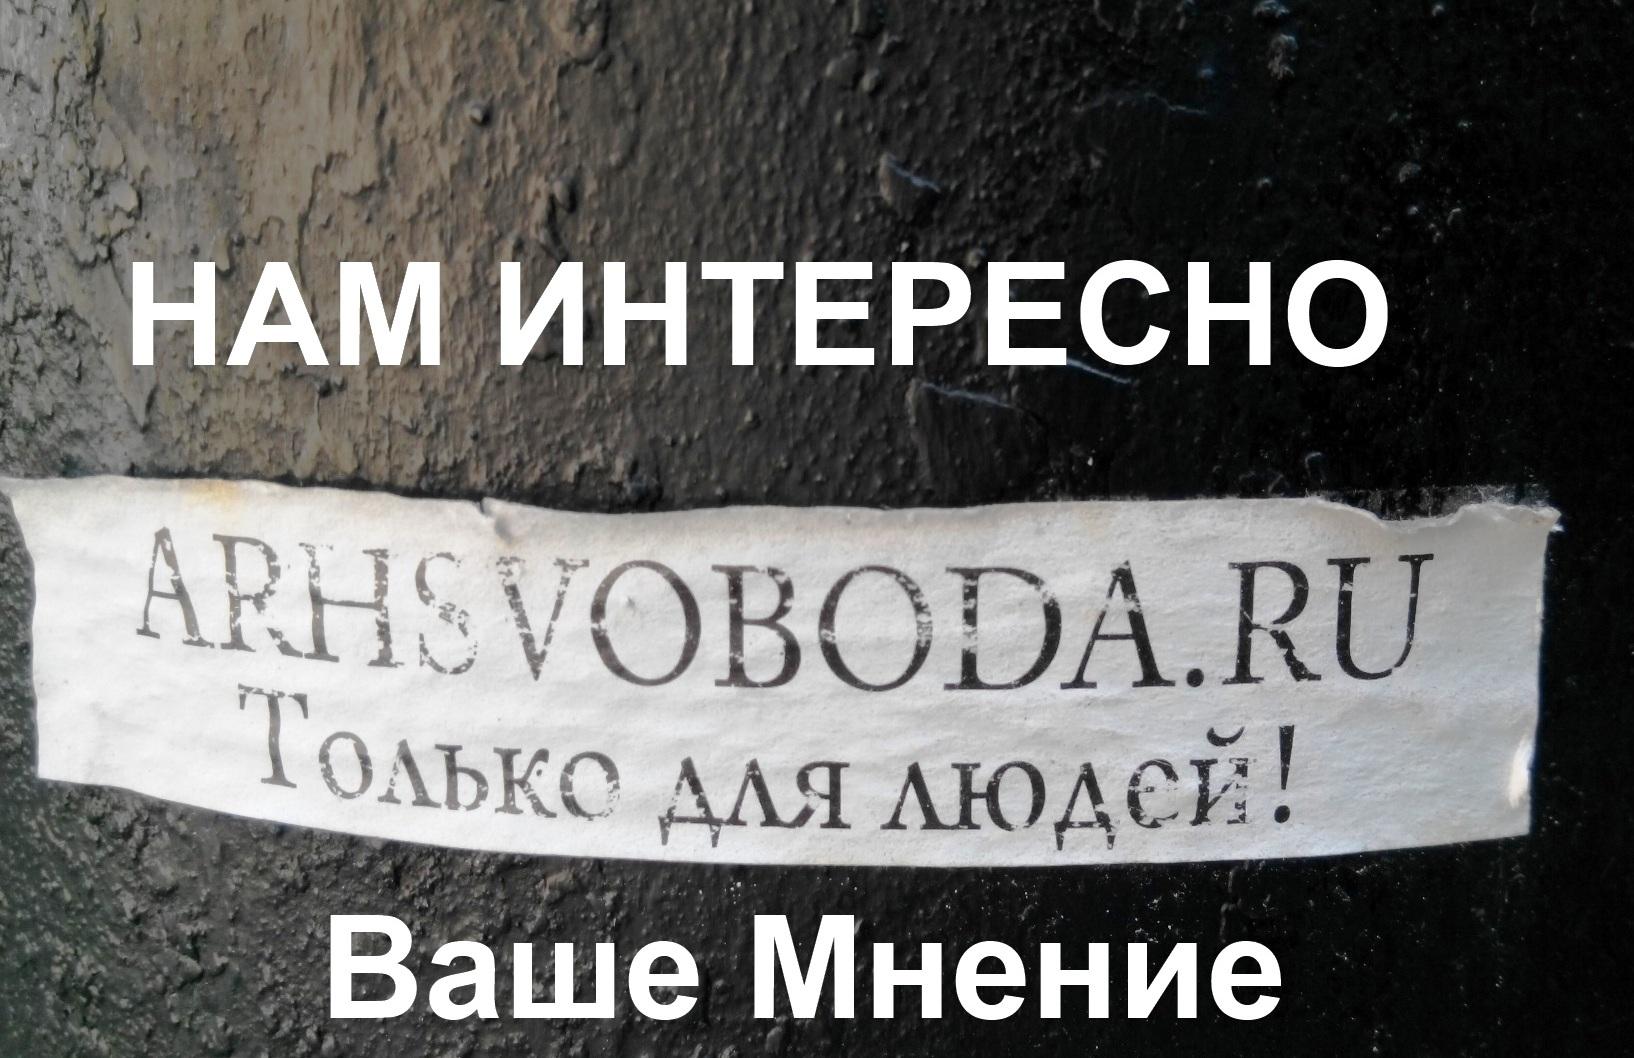 Россия 2016. Становится все хуже и хуже